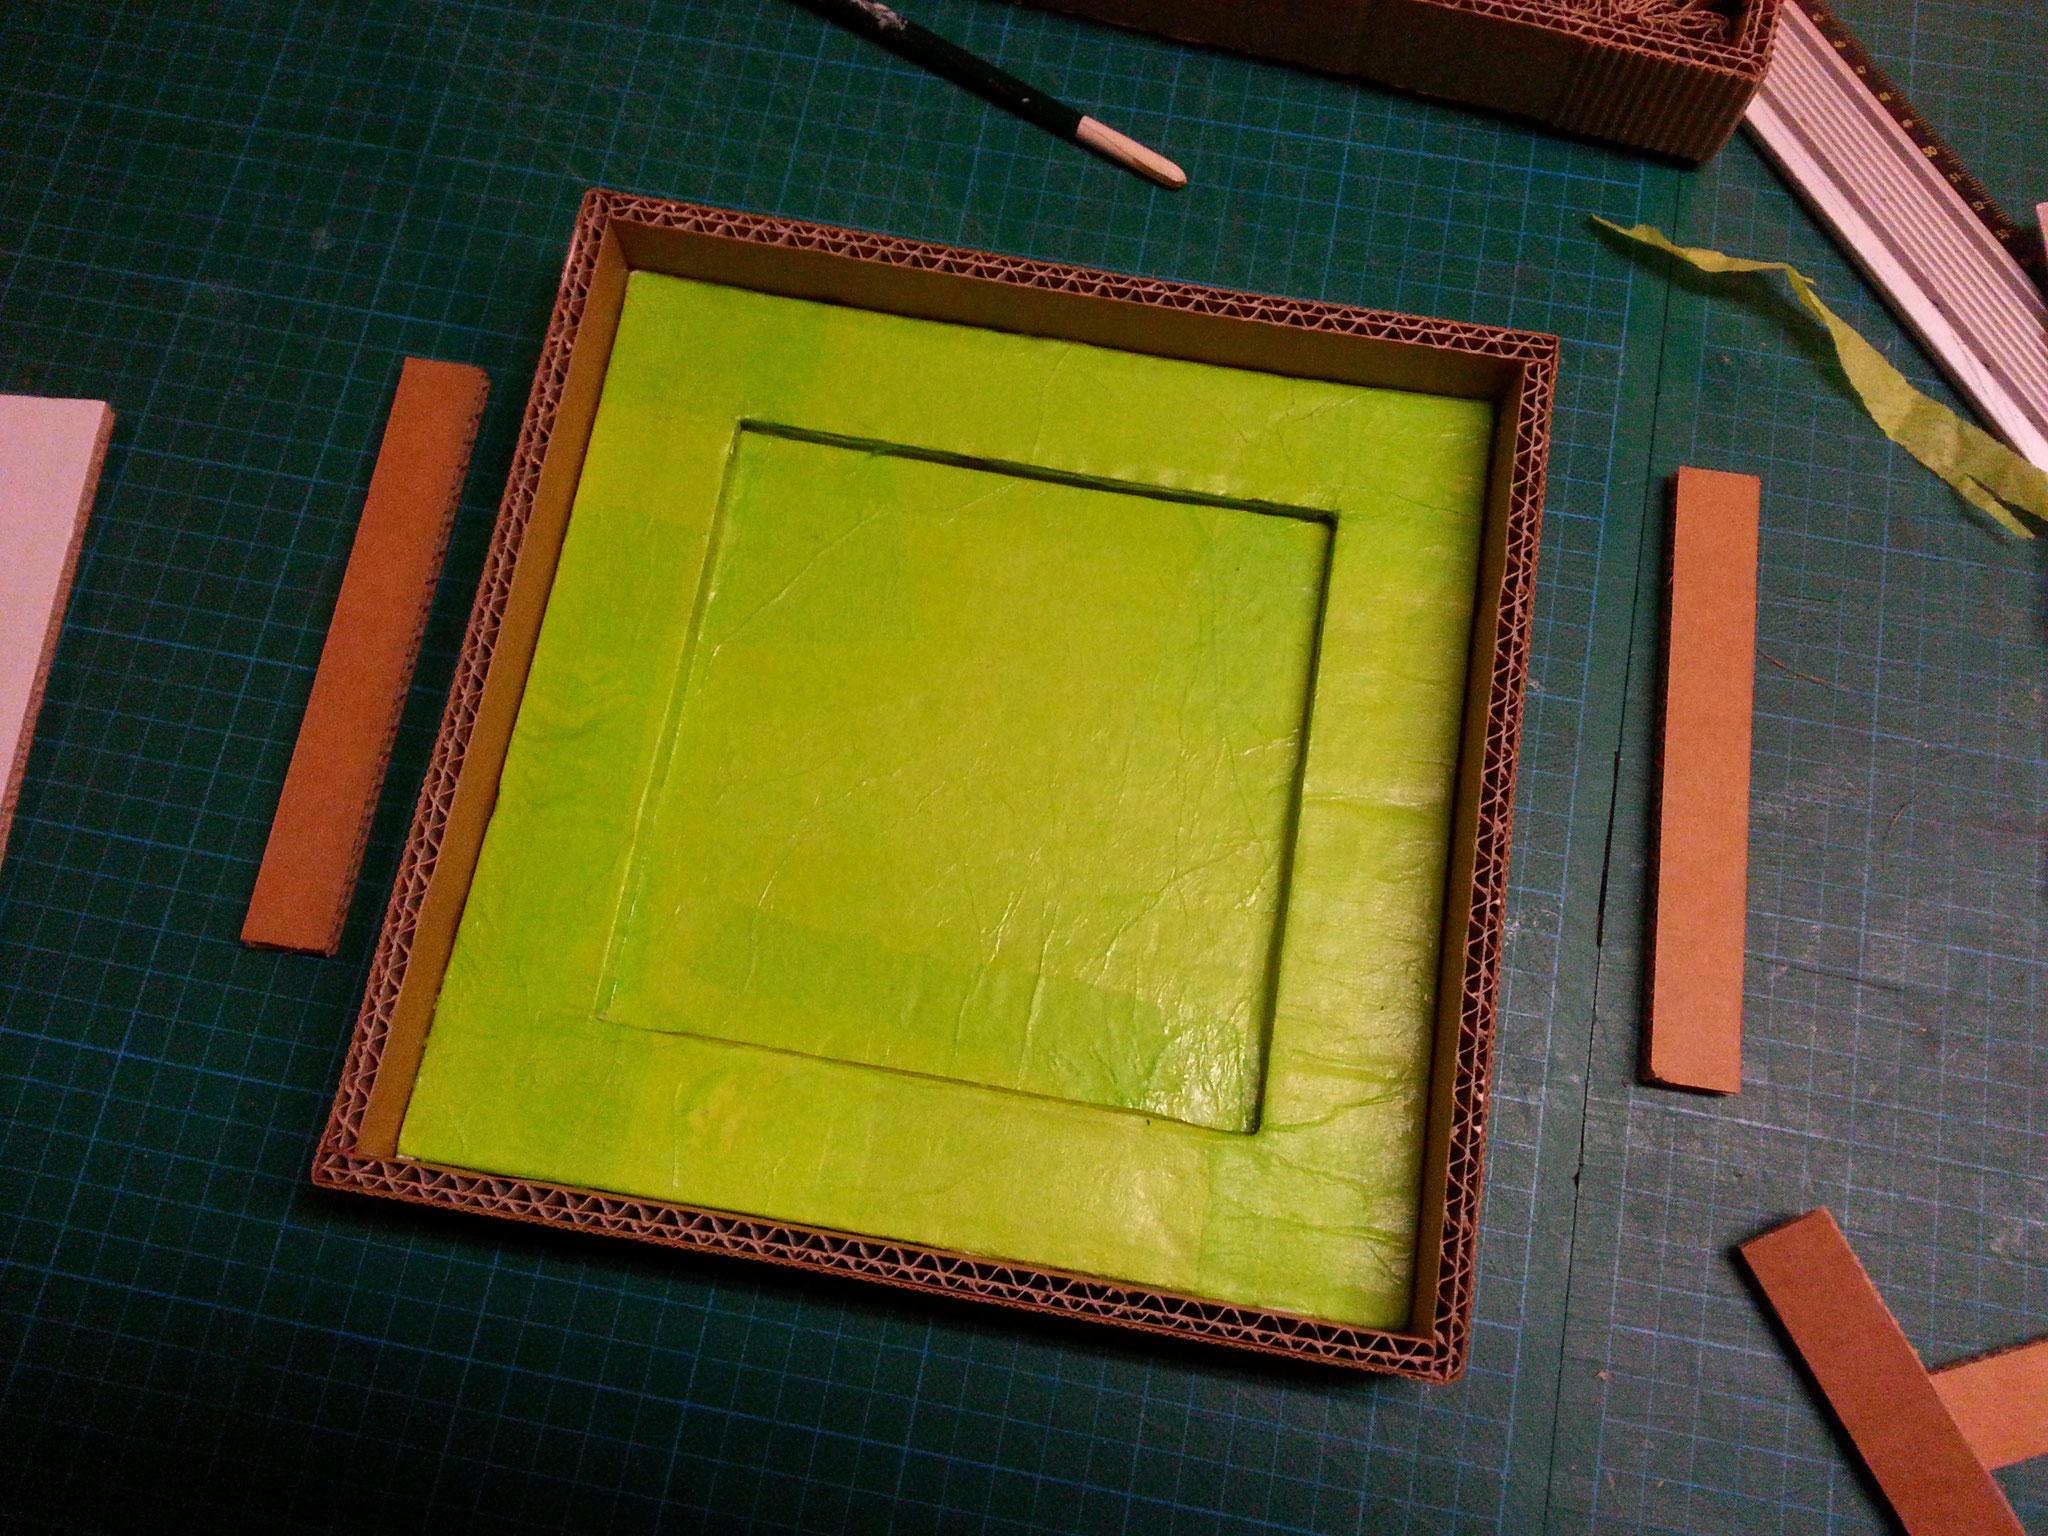 Le carton est recouvert de papier de soie, pose des bordures pour délimiter le cadre.